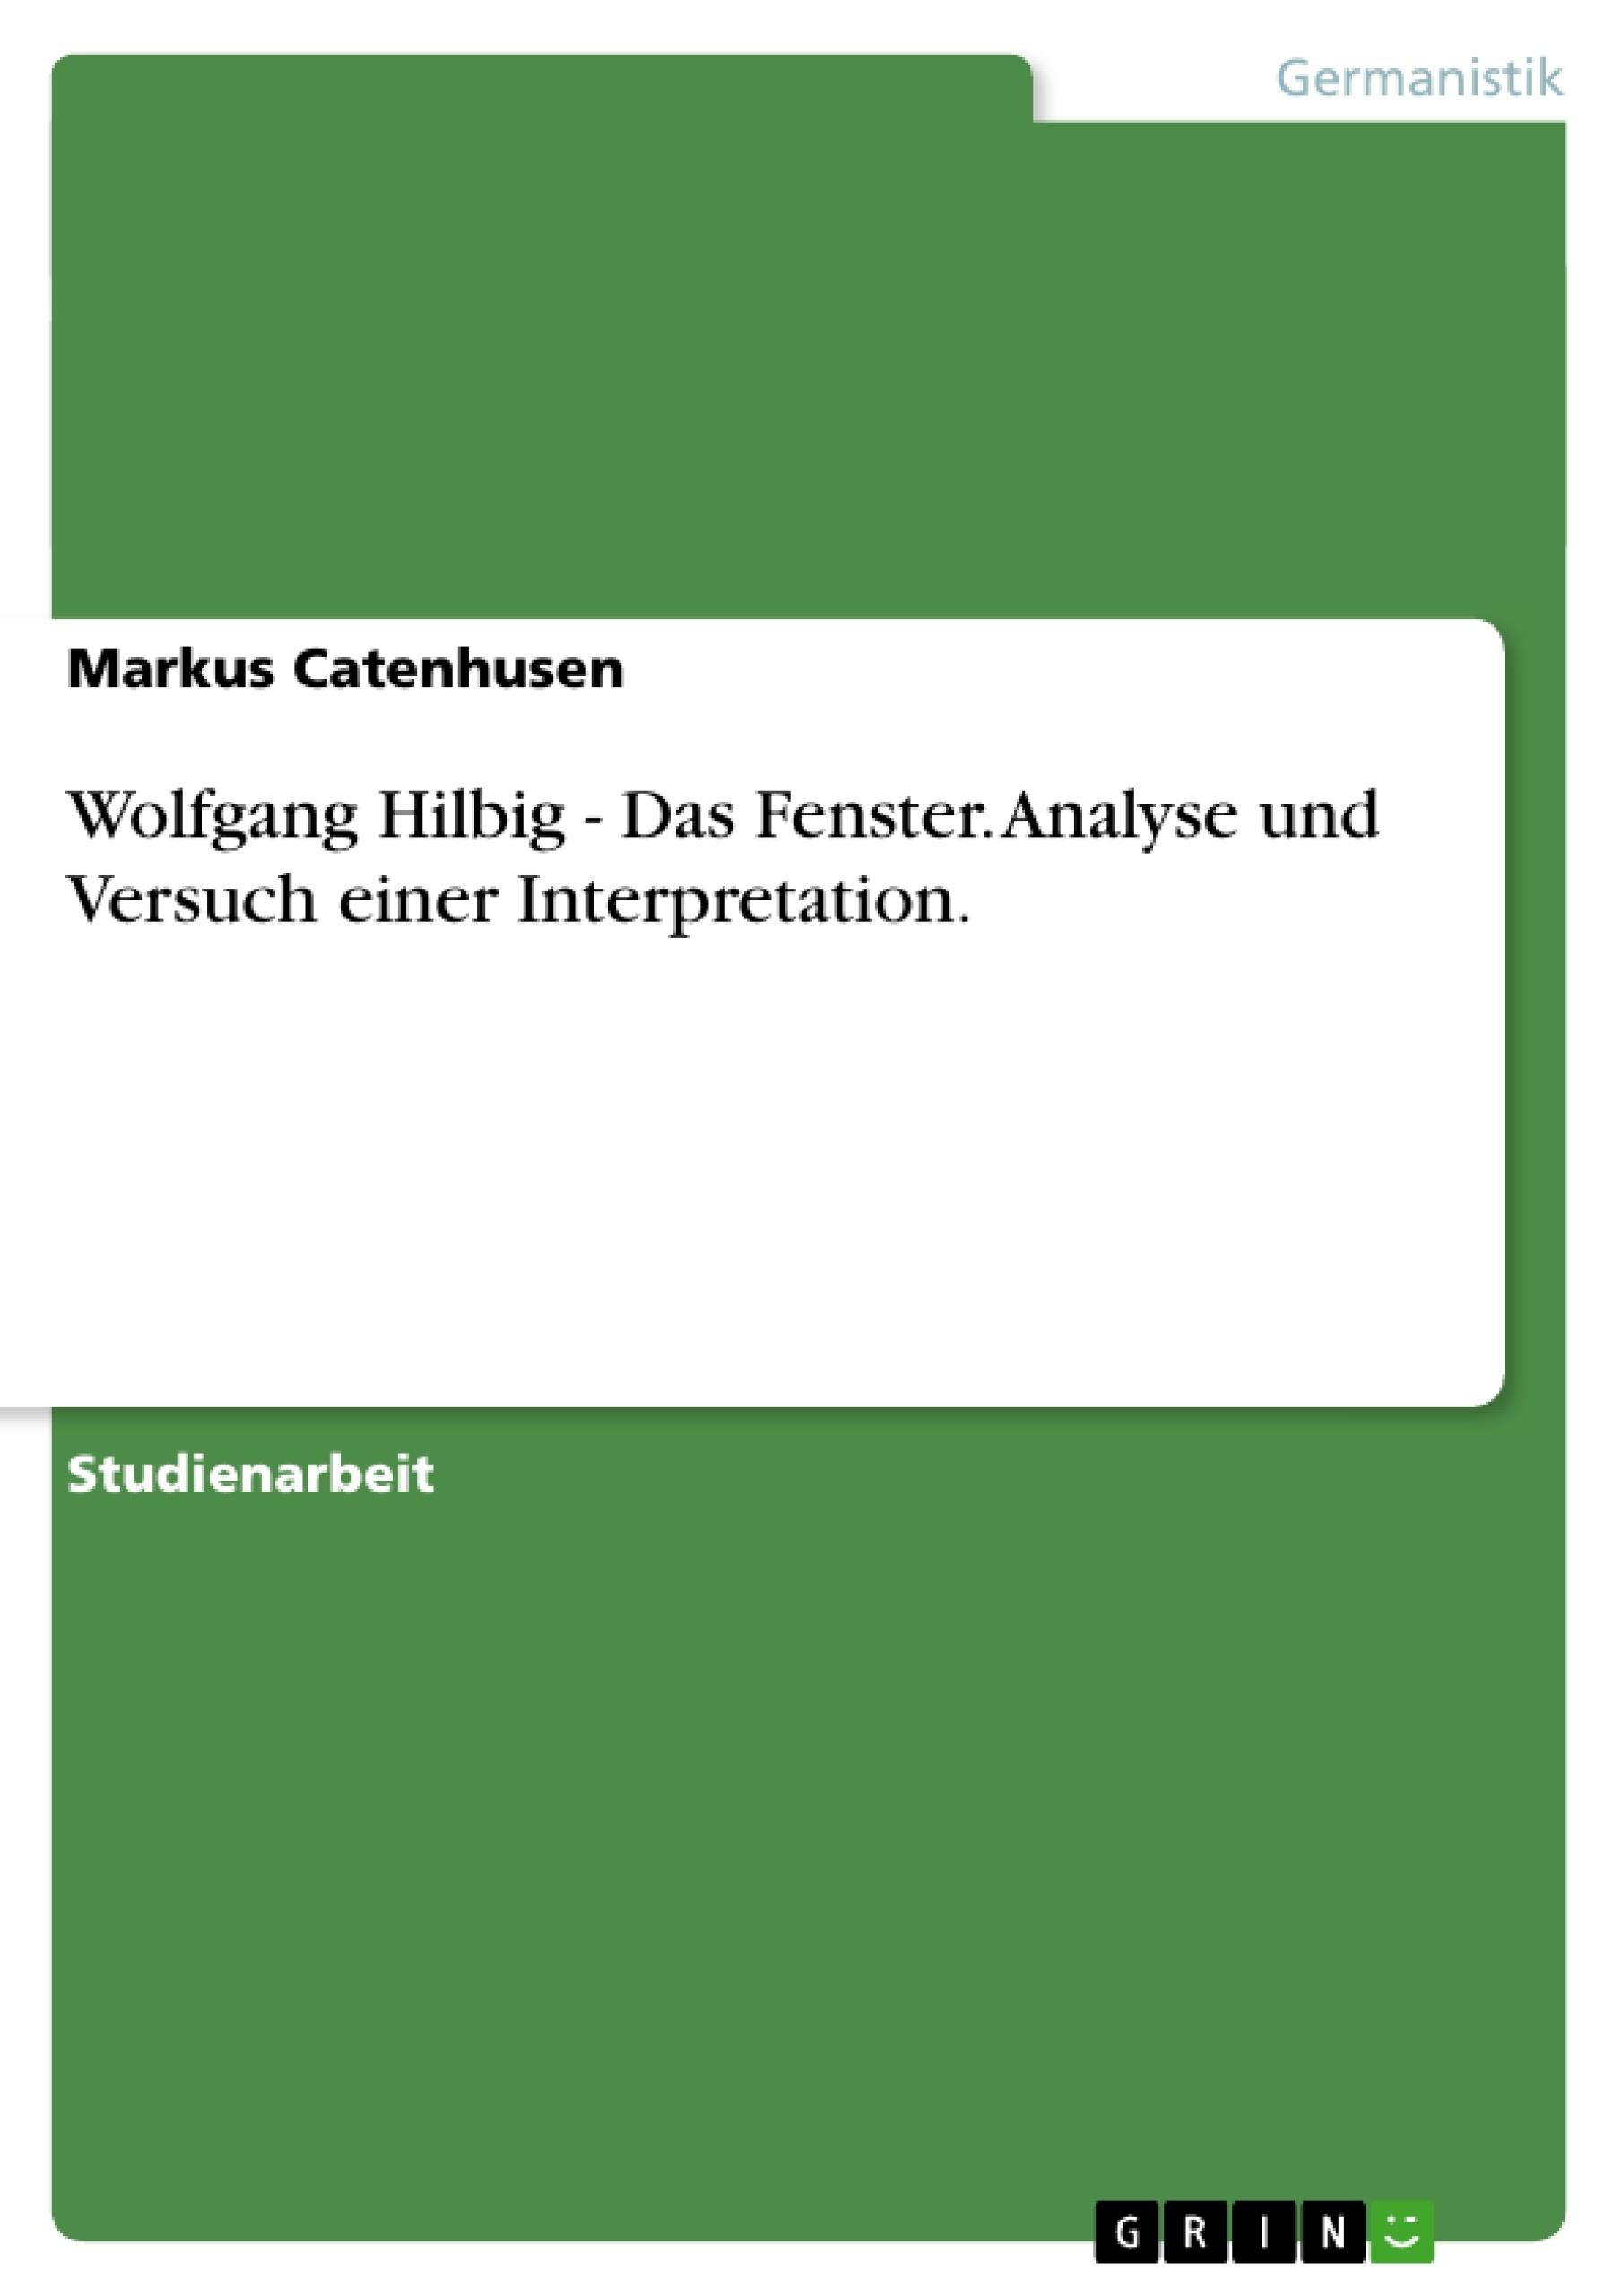 Titel: Wolfgang Hilbig - Das Fenster. Analyse und Versuch einer Interpretation.